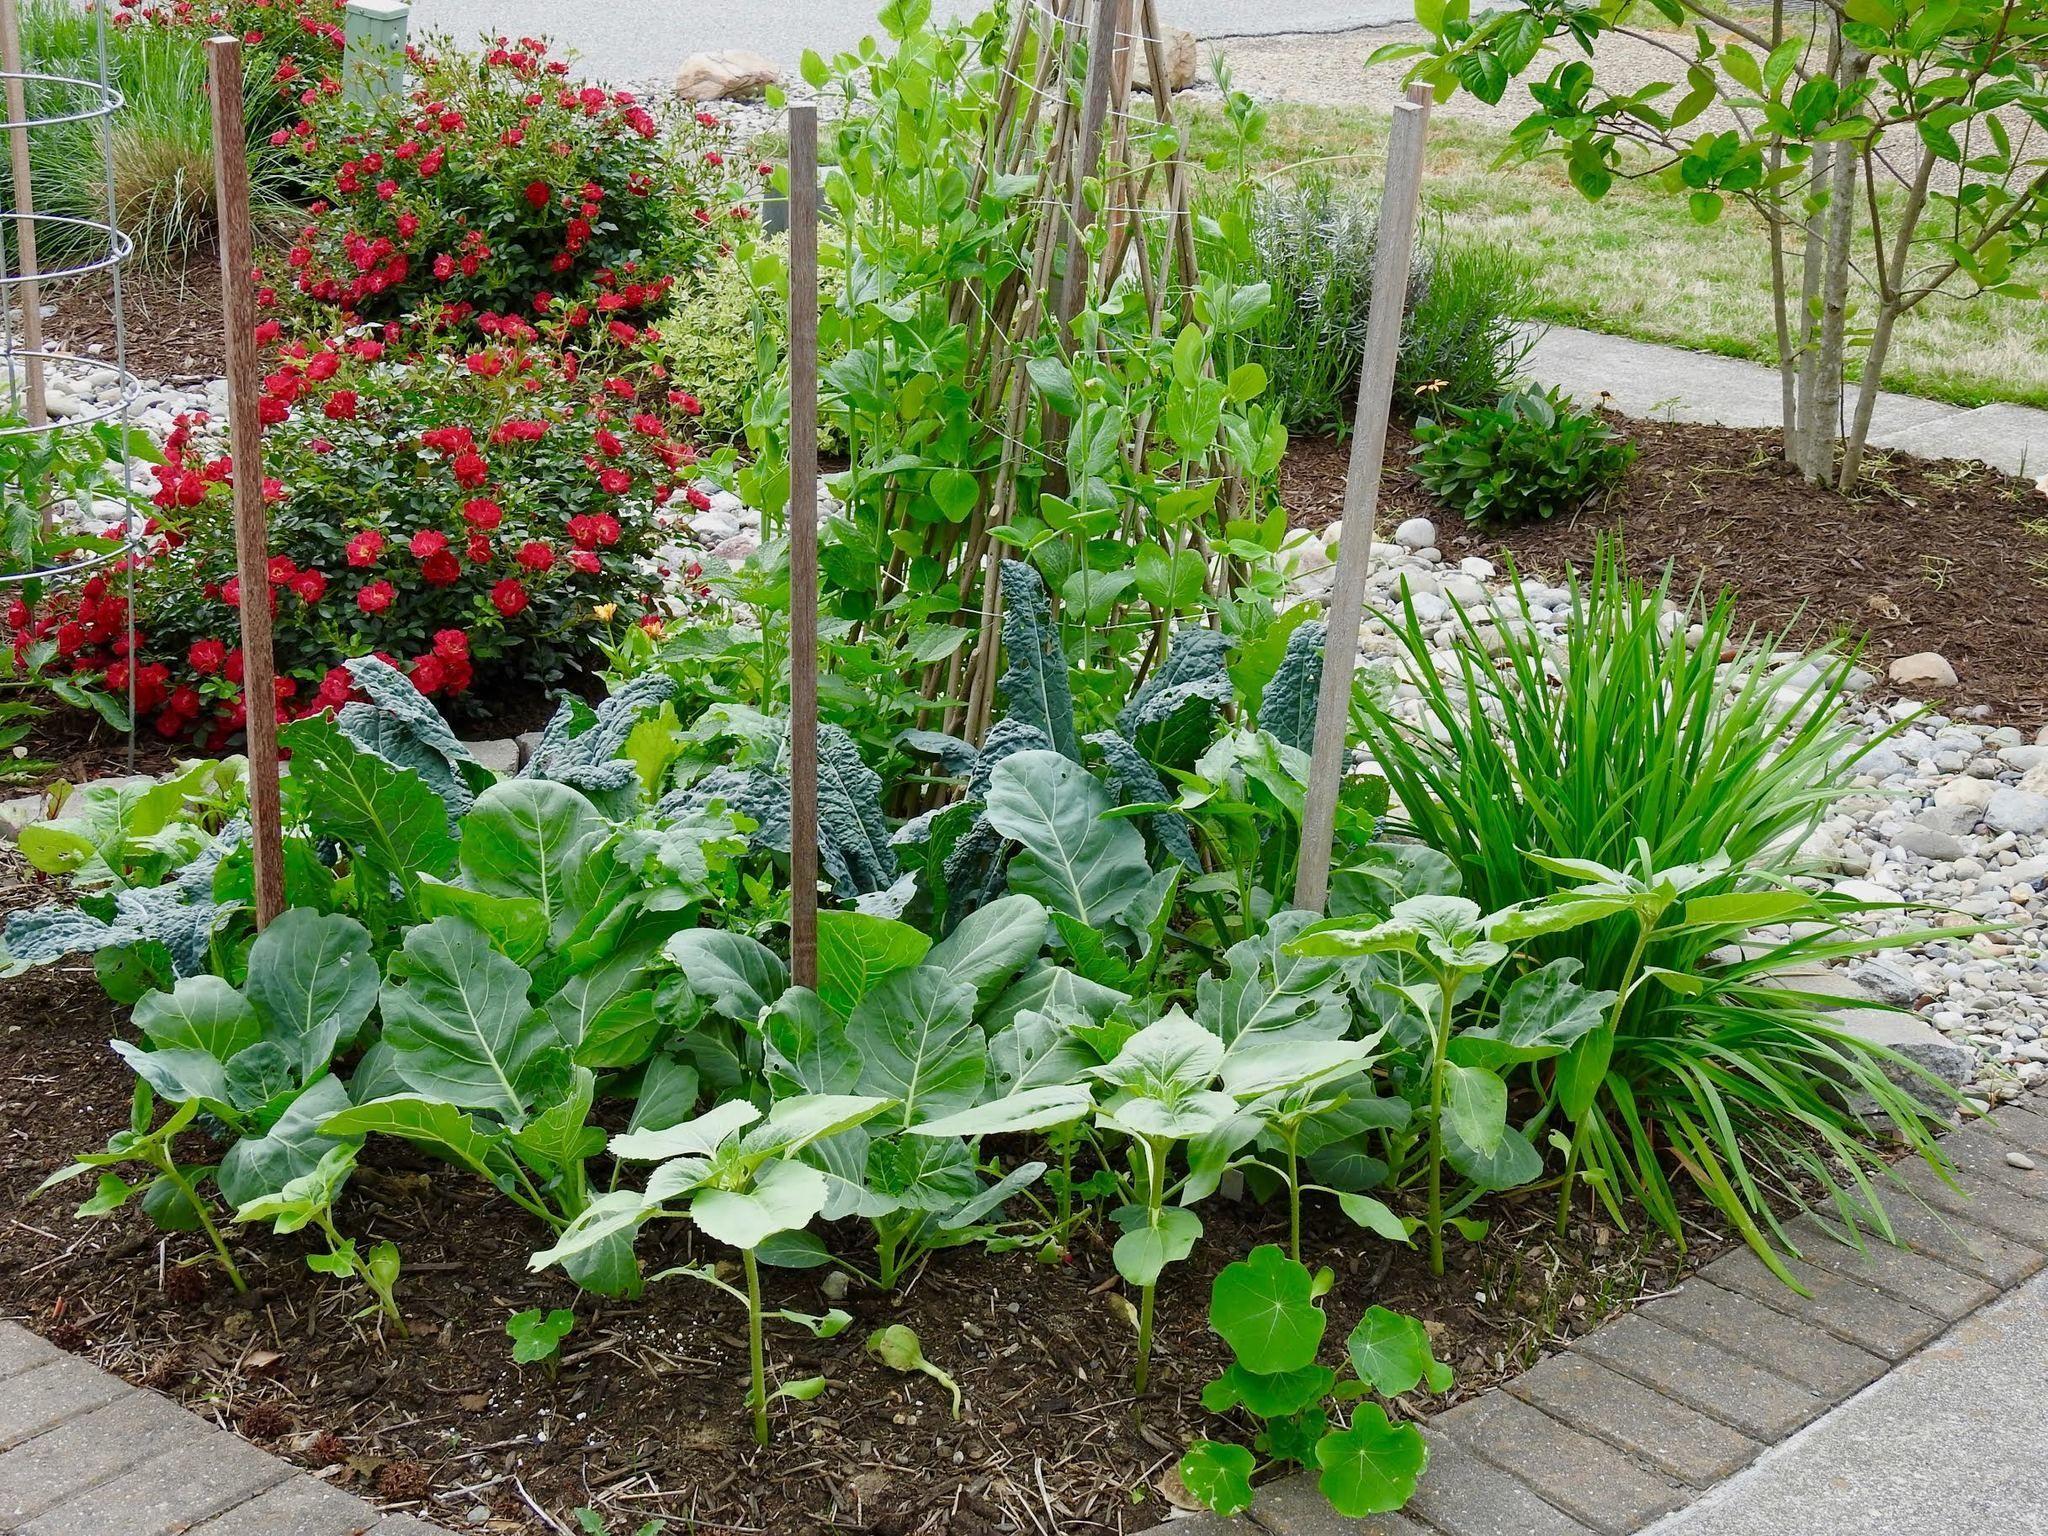 Vegetable Gardening Classes